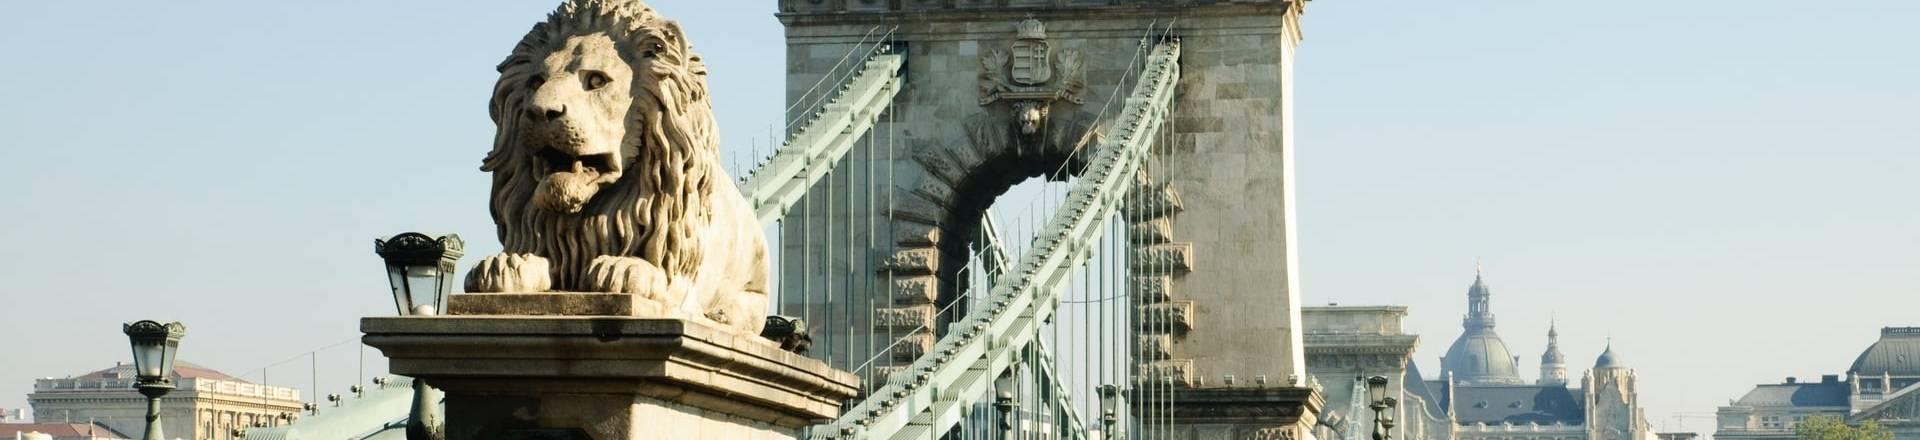 Praga Viena Y Budapest Con Visitas